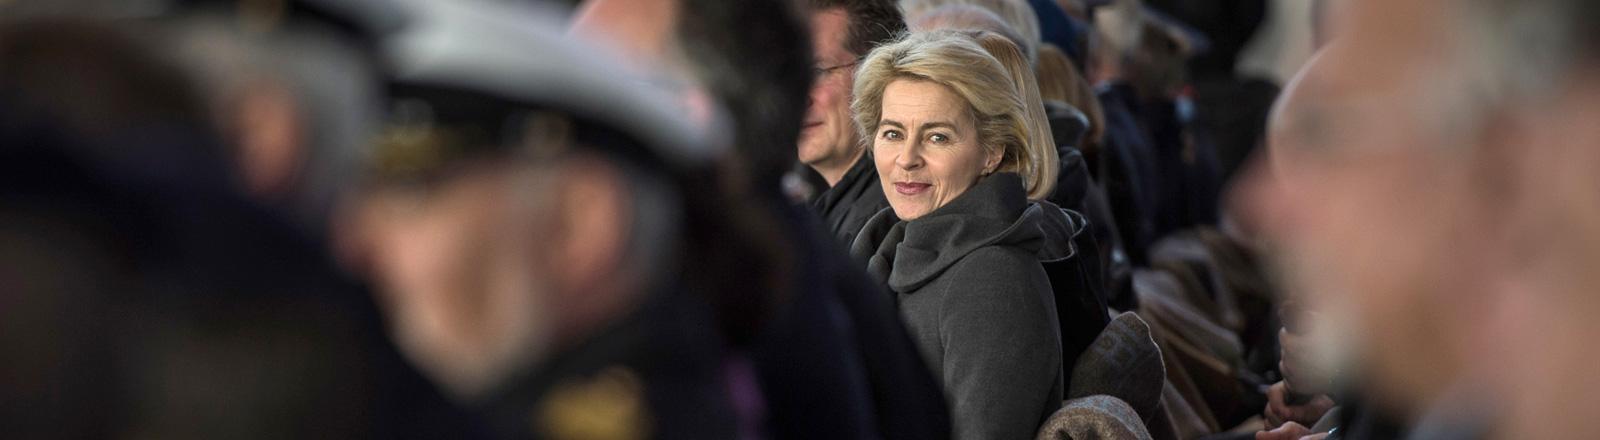 Bundesverteidigungsministerin Ursula von der Leyen sitzt am 07.01.2015 im Militärflughafen Köln-Wahn zwischen Gästen einer Veranstaltung; Bild: dpa